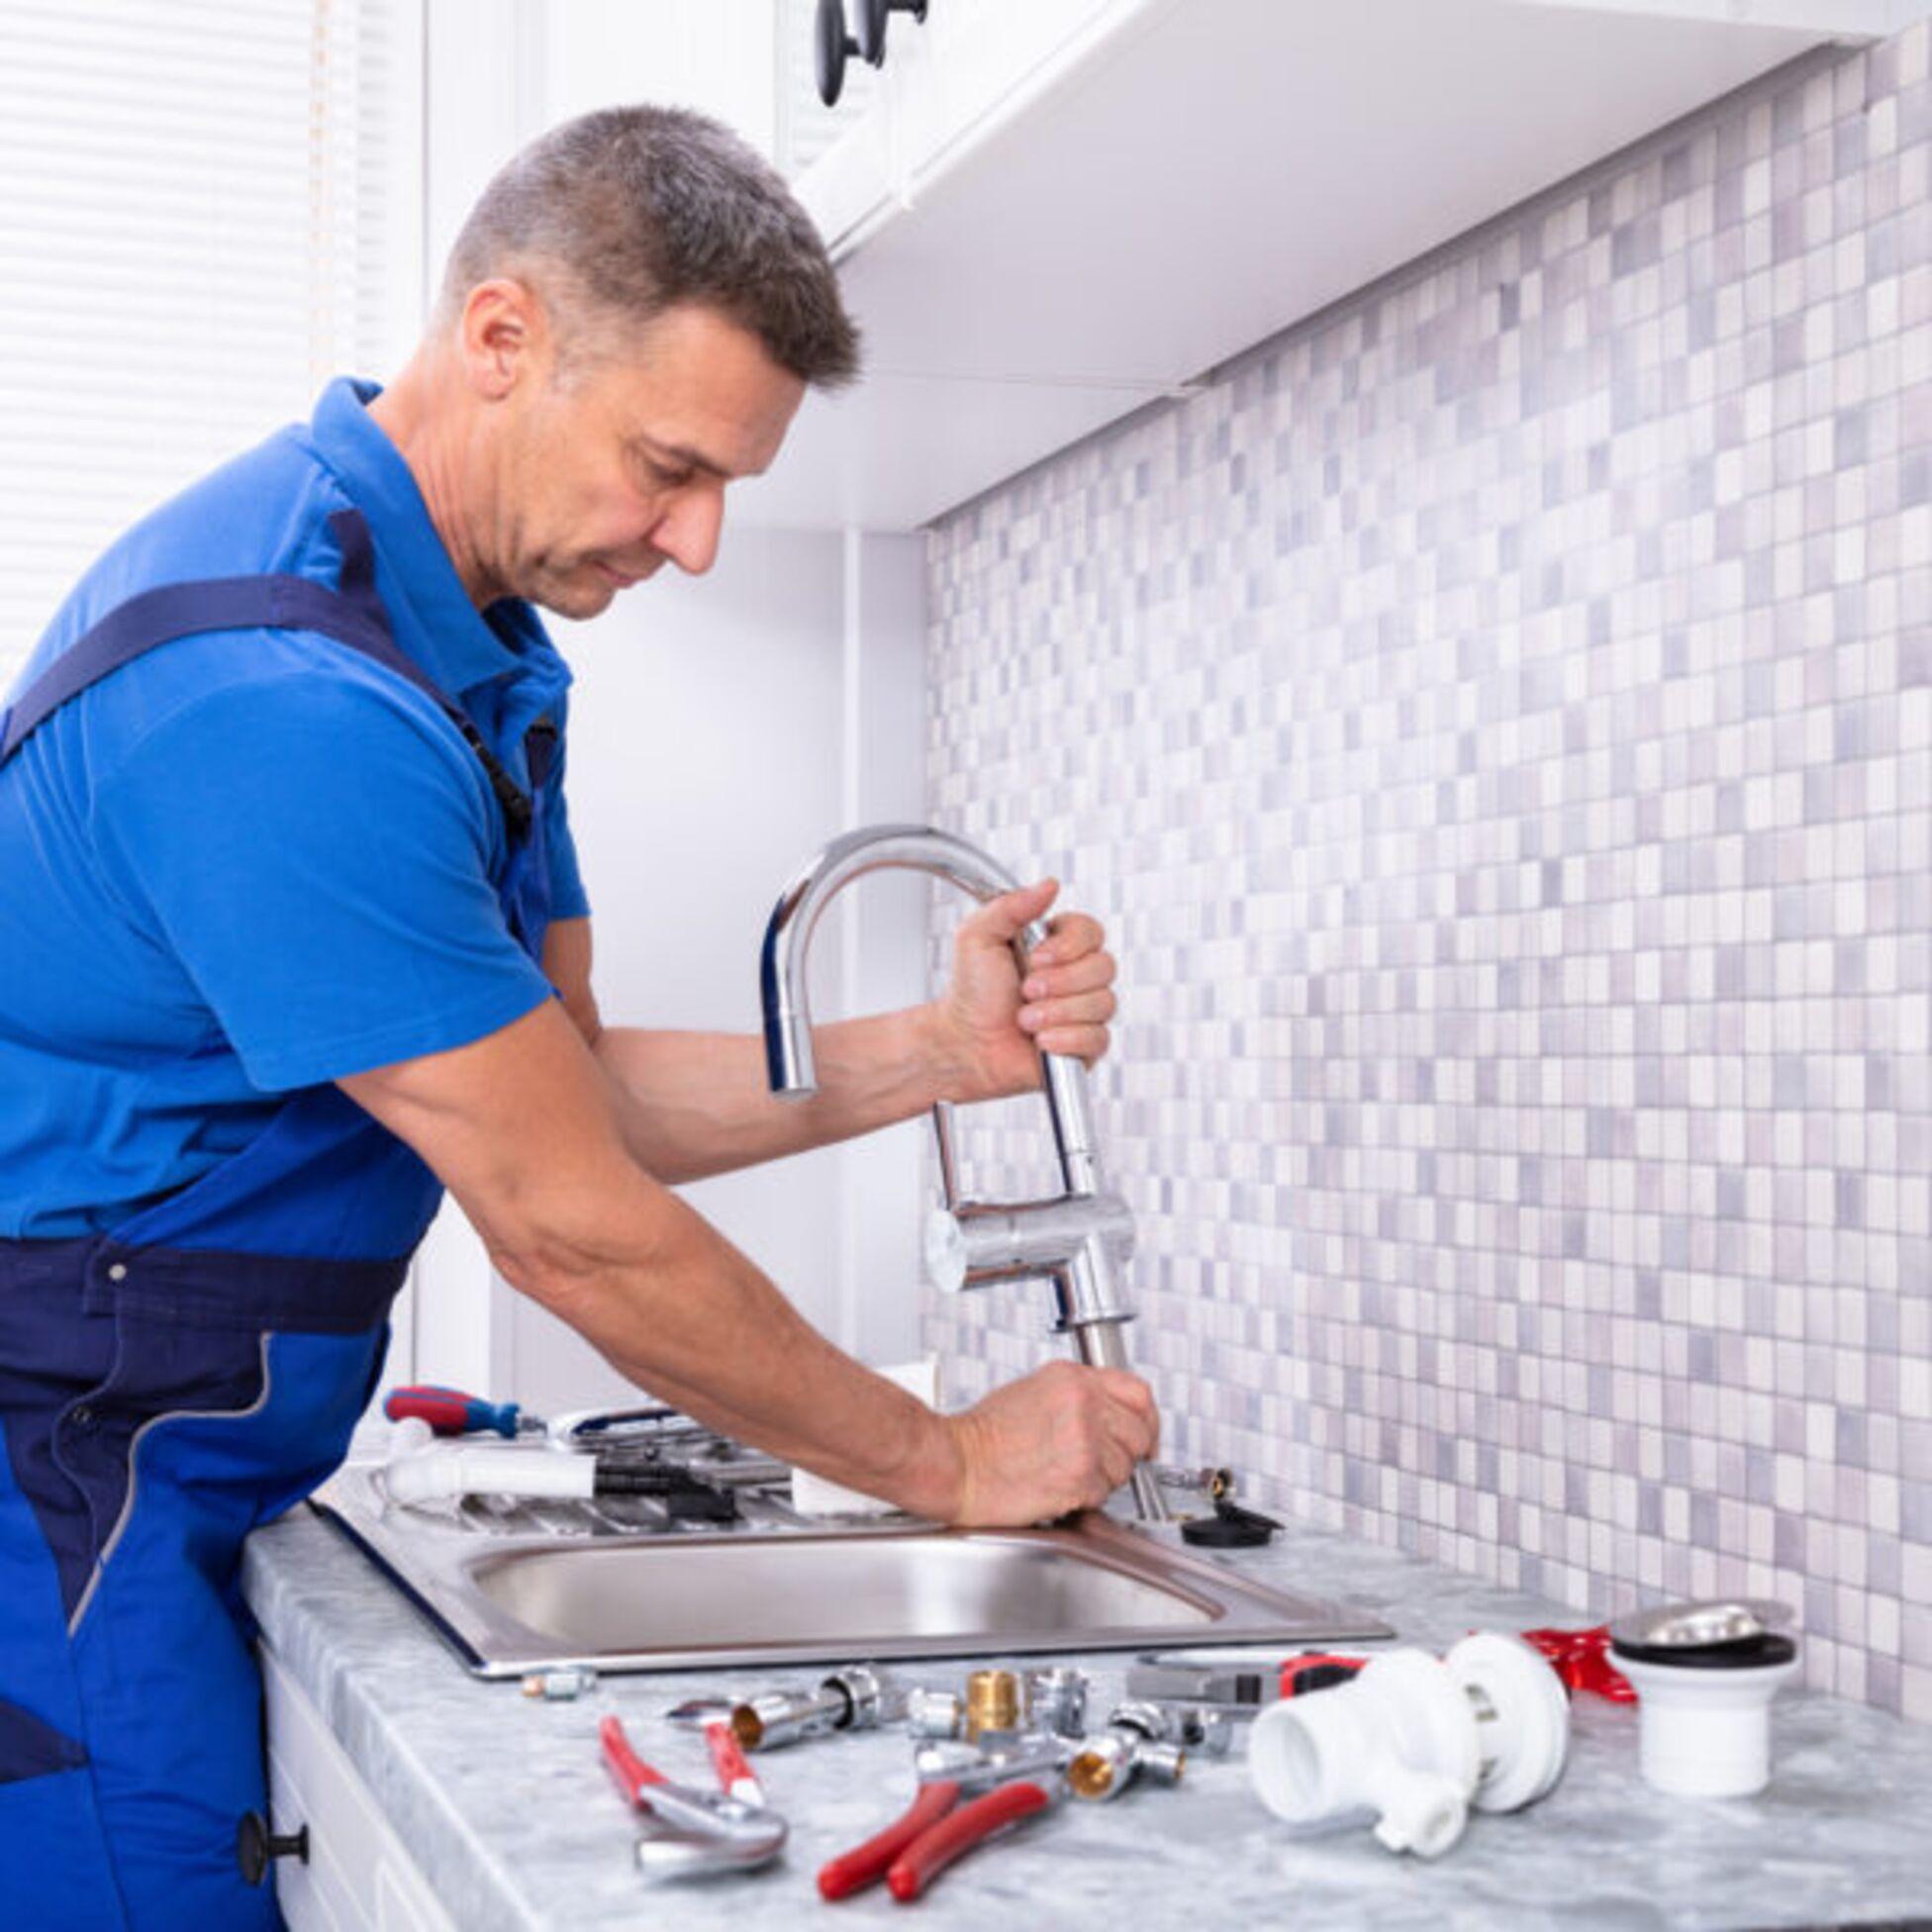 Handwerker repariert Wasserhahn